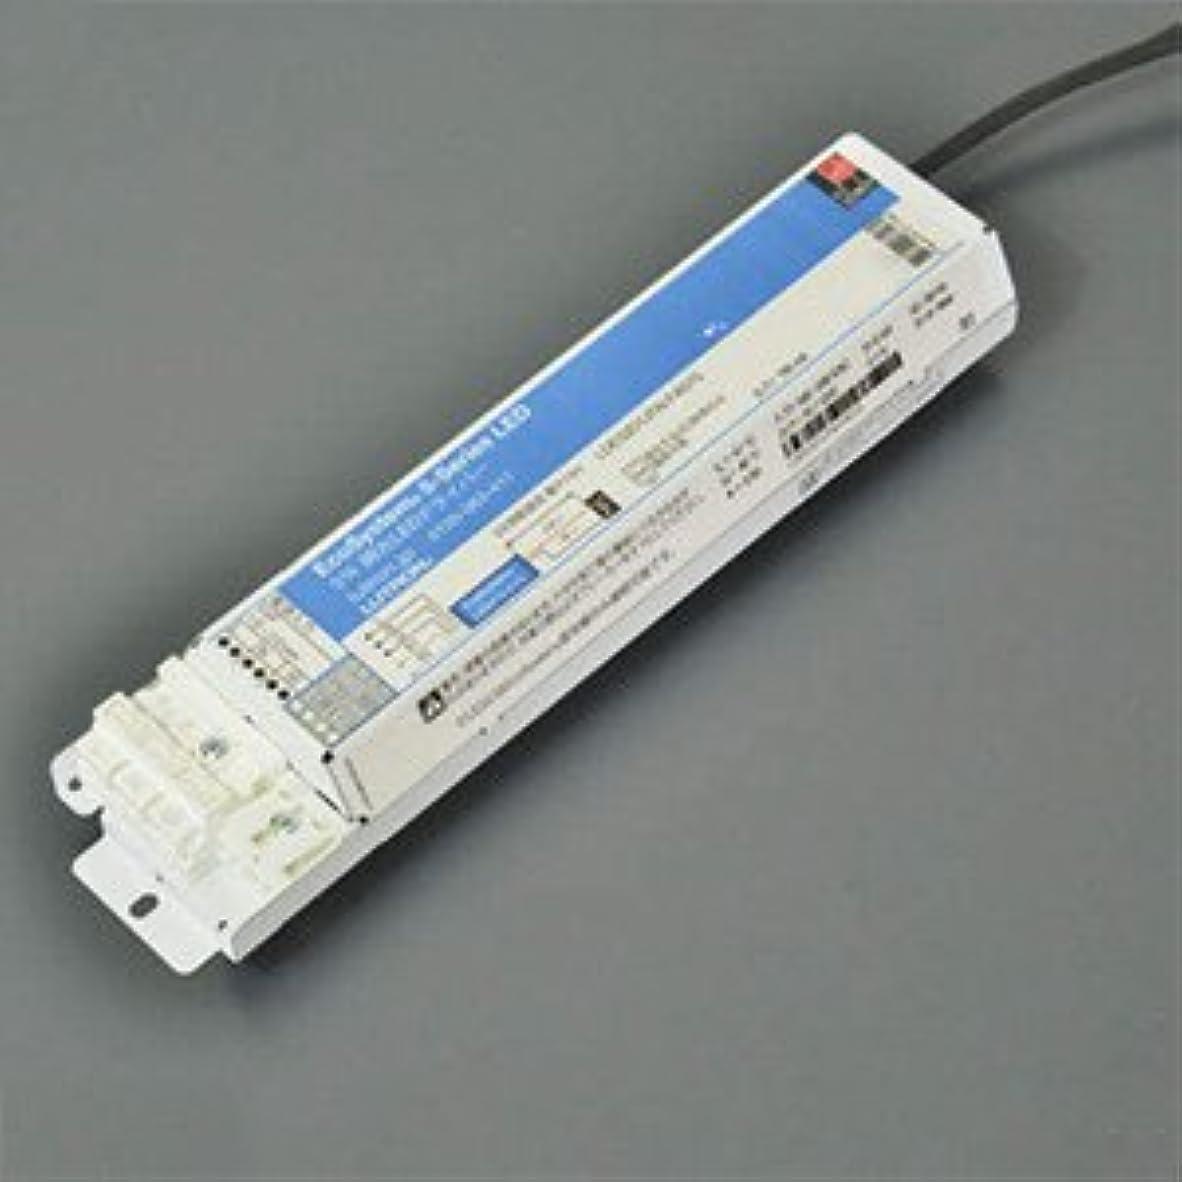 ナチュラル人生を作るネストTOKISTAR LED用定電流電源 エコシステム調光タイプ 定格入力AC100V/200V 42VA 定格出力700mA 35W 屋内用 LDCC-35W-700ECO